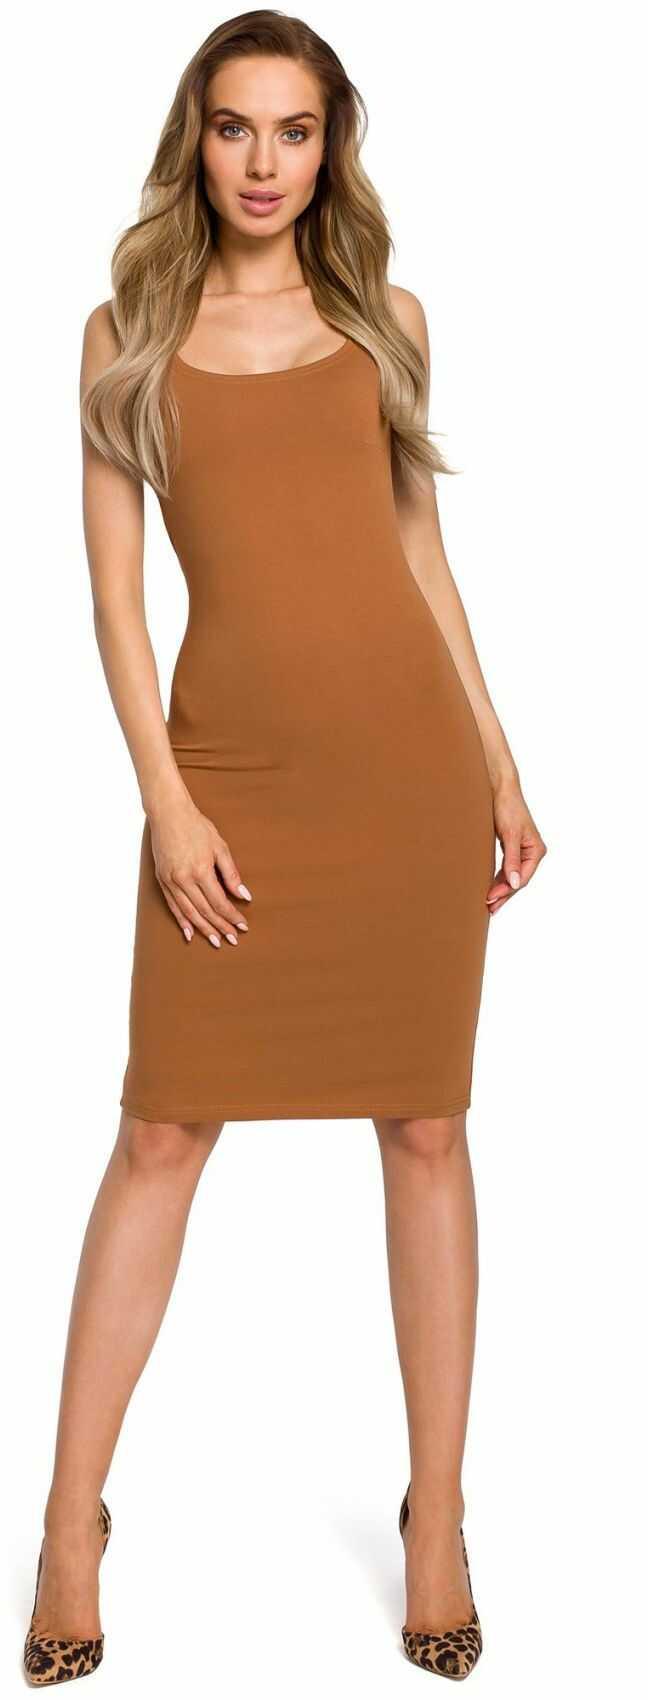 M414 Sukienka na ramiączkach - karmel